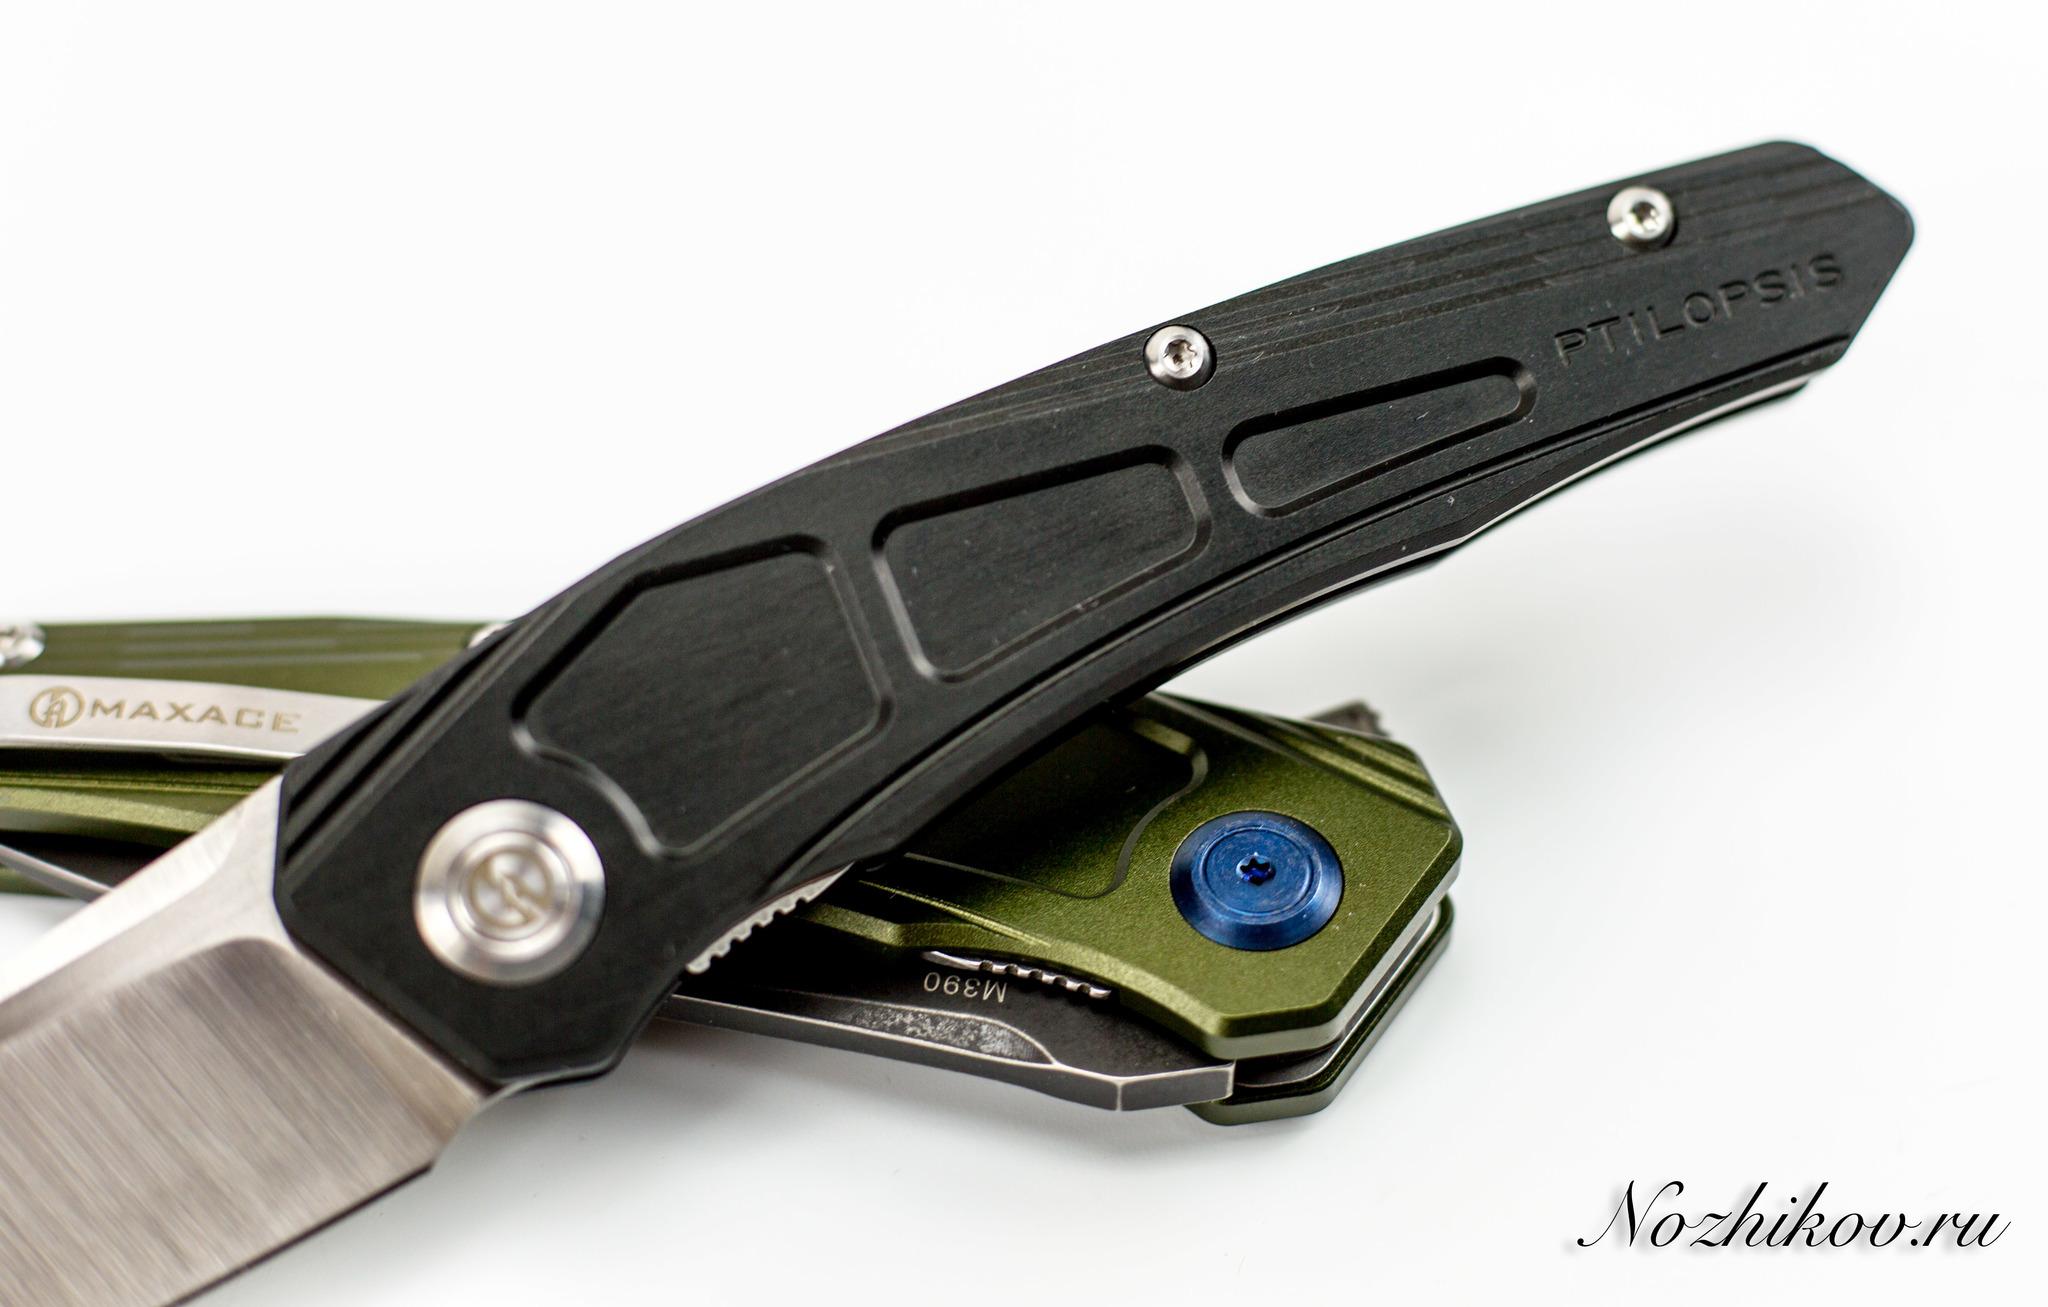 Складной нож Maxace Ptilopsis Black, сталь M390